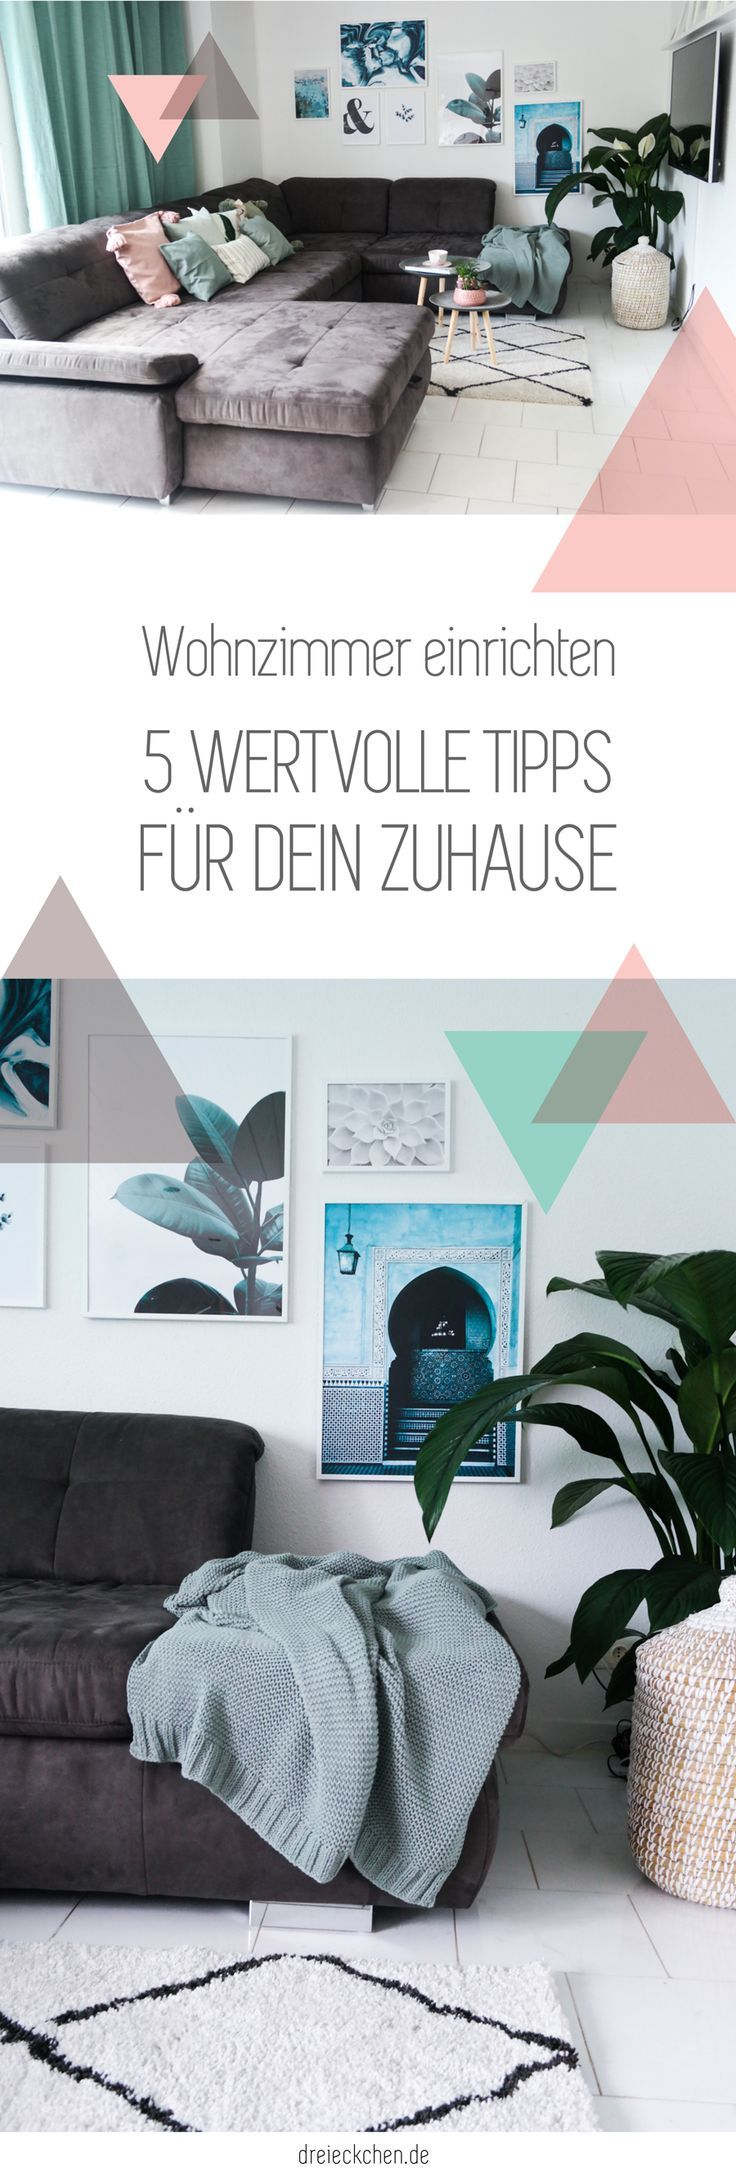 Wohnzimmer einrichten und gemütlich machen – Inspirationen für dein Zuhause // Werbung